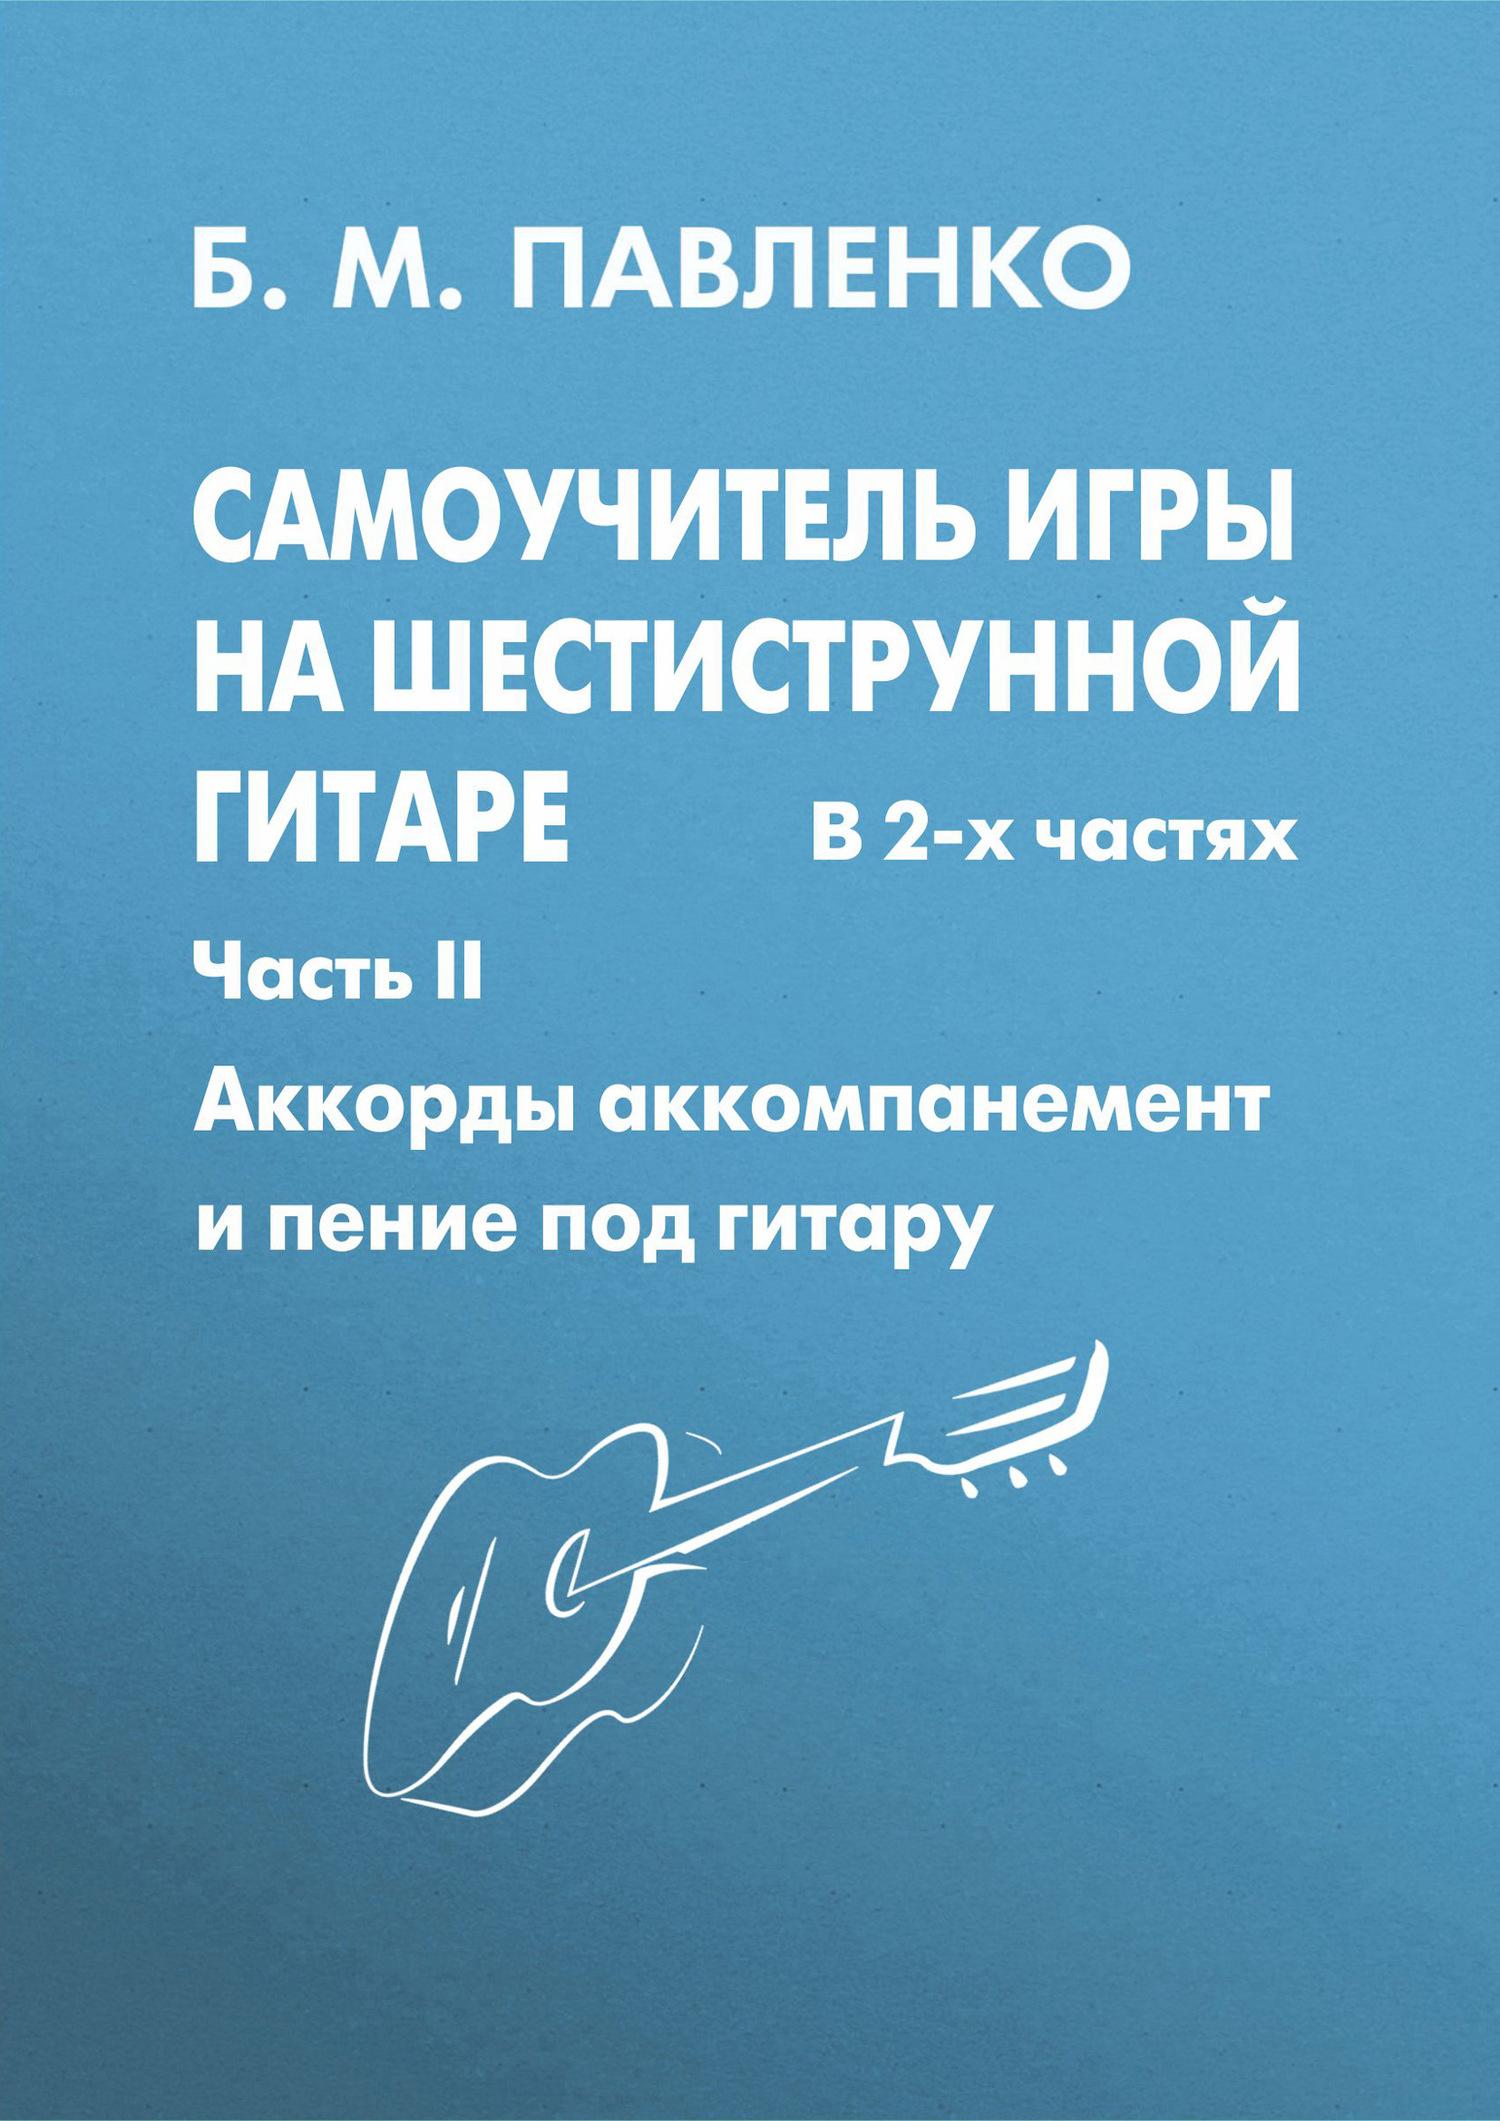 Б. М. Павленко Самоучитель игры на шестиструнной гитаре в 2-х частях. Аккорды, аккомпанемент и пение под гитару. Часть II манилов в молотков в техника джазового аккомпанемента на шестиструнной гитаре